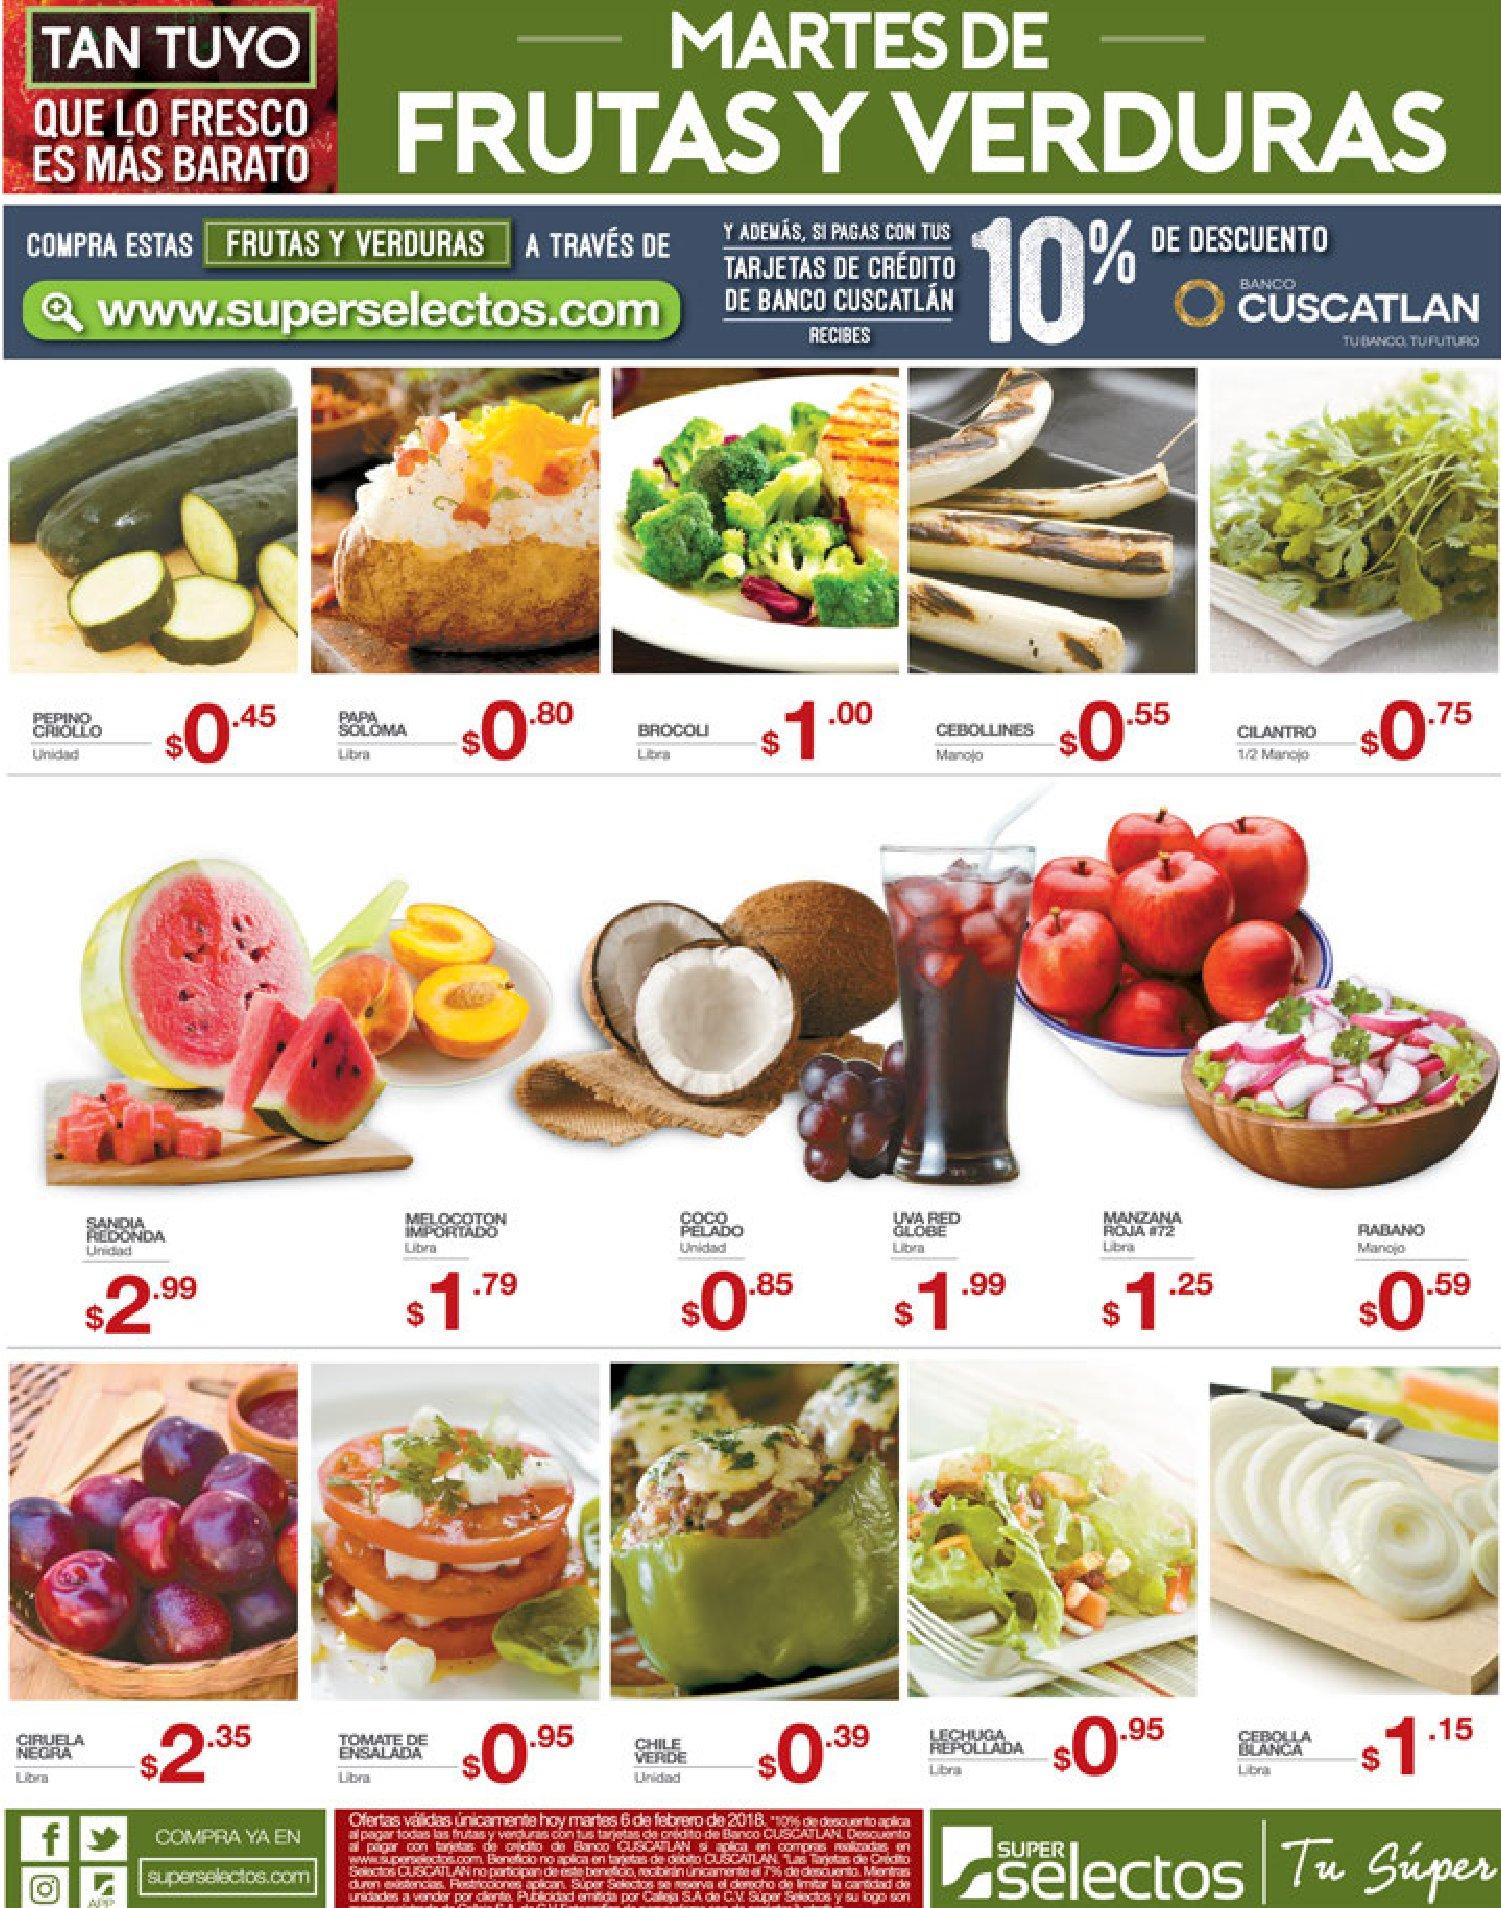 Frutas tropicales frescas para tus dietas sanas